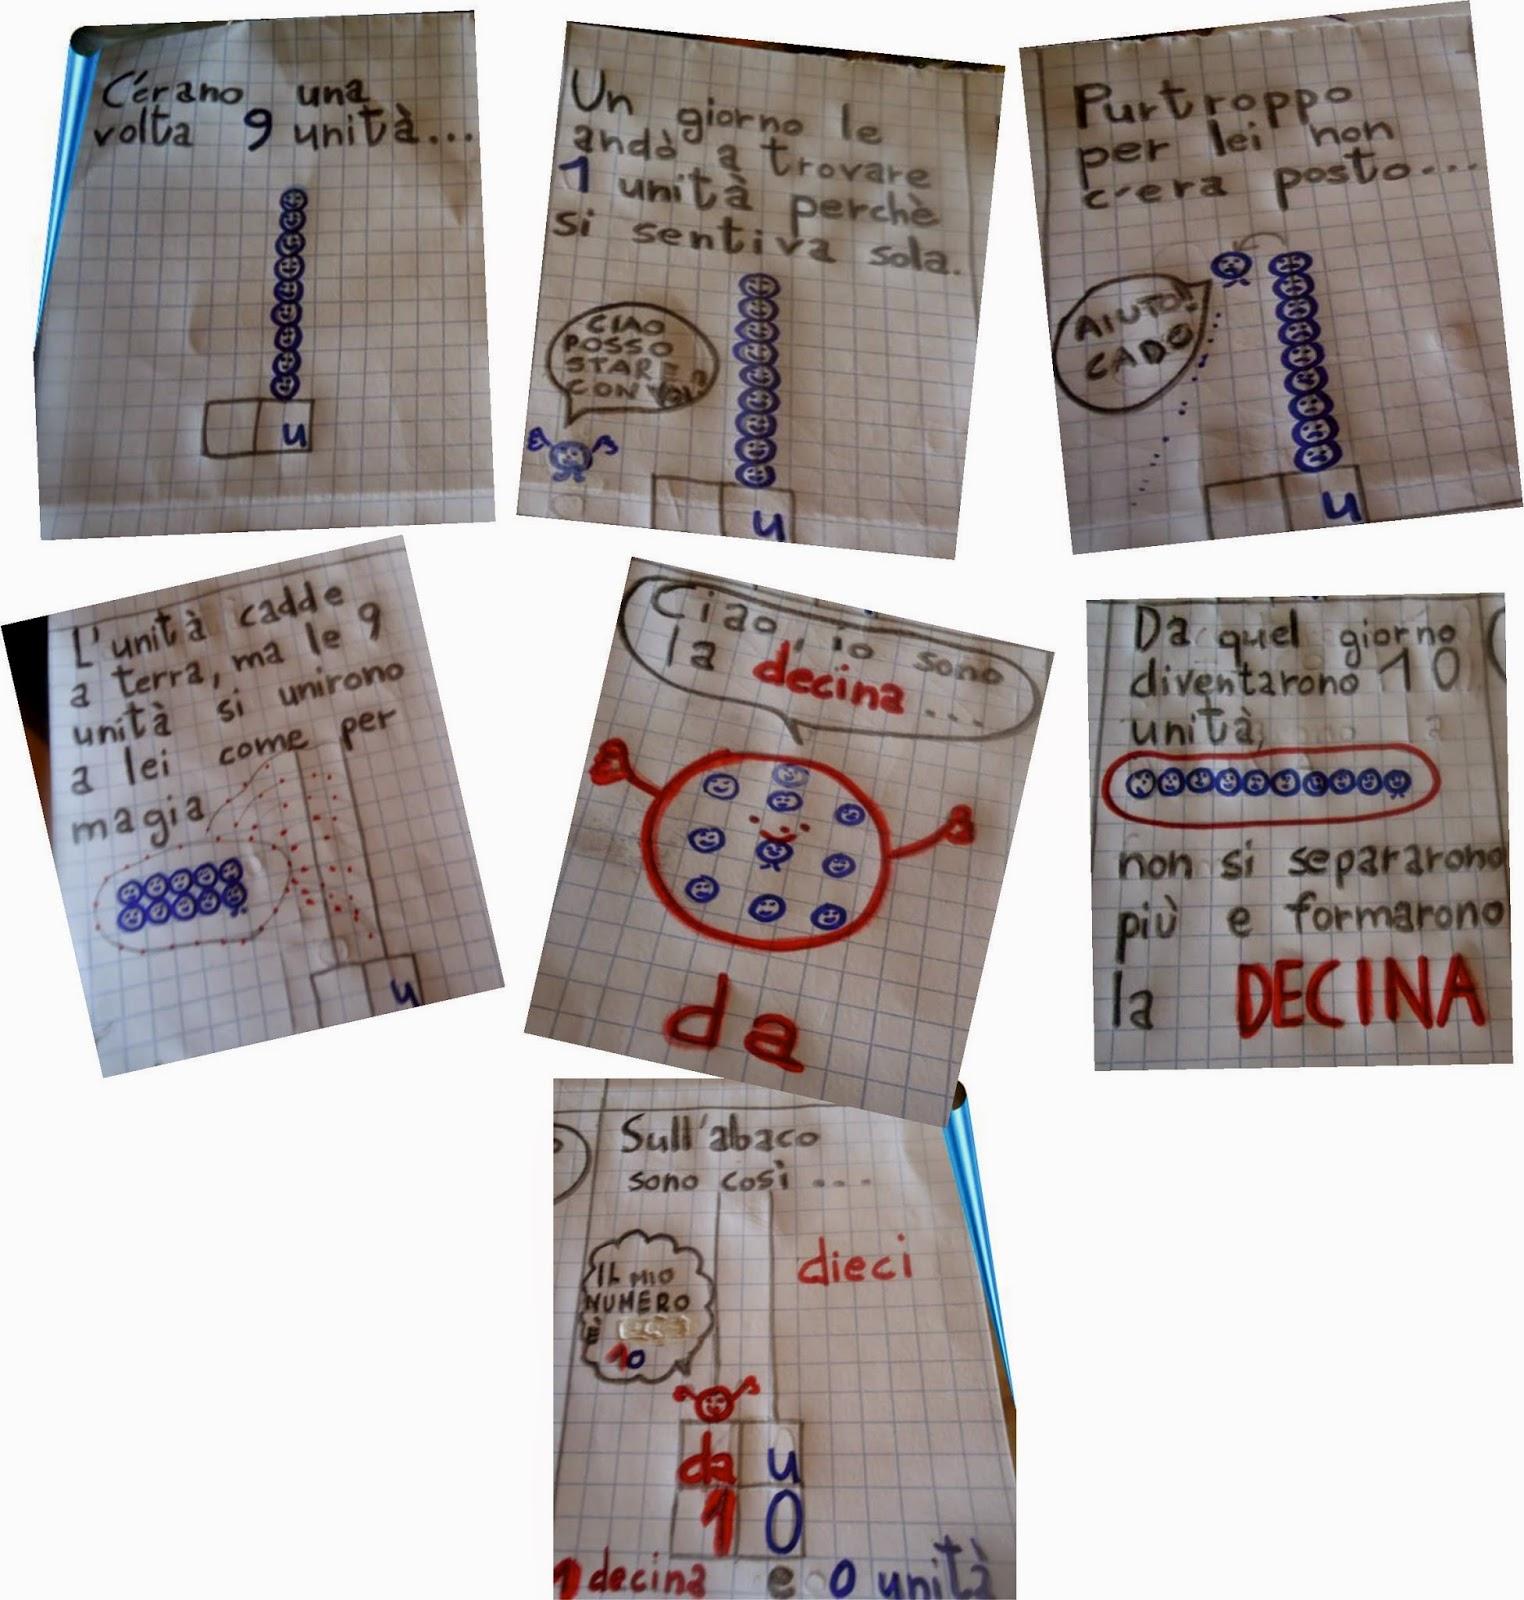 Amato A scuola con fantasia : IL NUMERO 10 E LA DECINA DN93